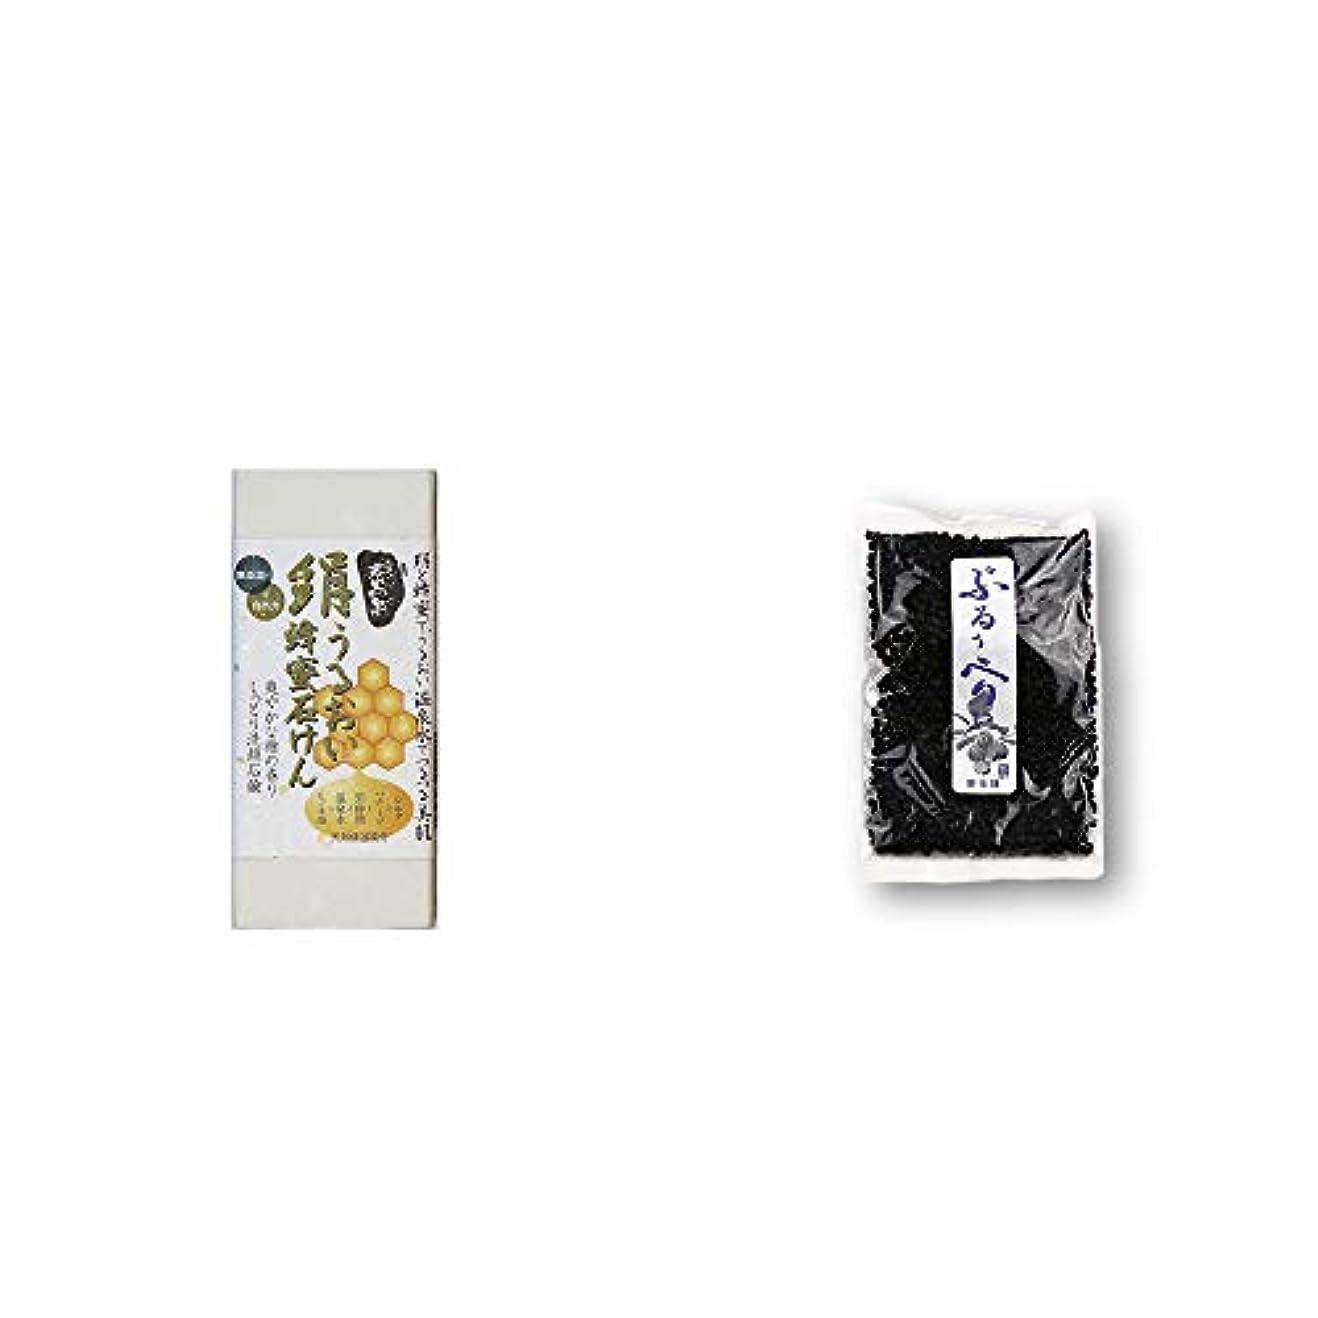 シェトランド諸島トレース慣らす[2点セット] ひのき炭黒泉 絹うるおい蜂蜜石けん(75g×2)?野生種ぶるぅべりぃ(260g)